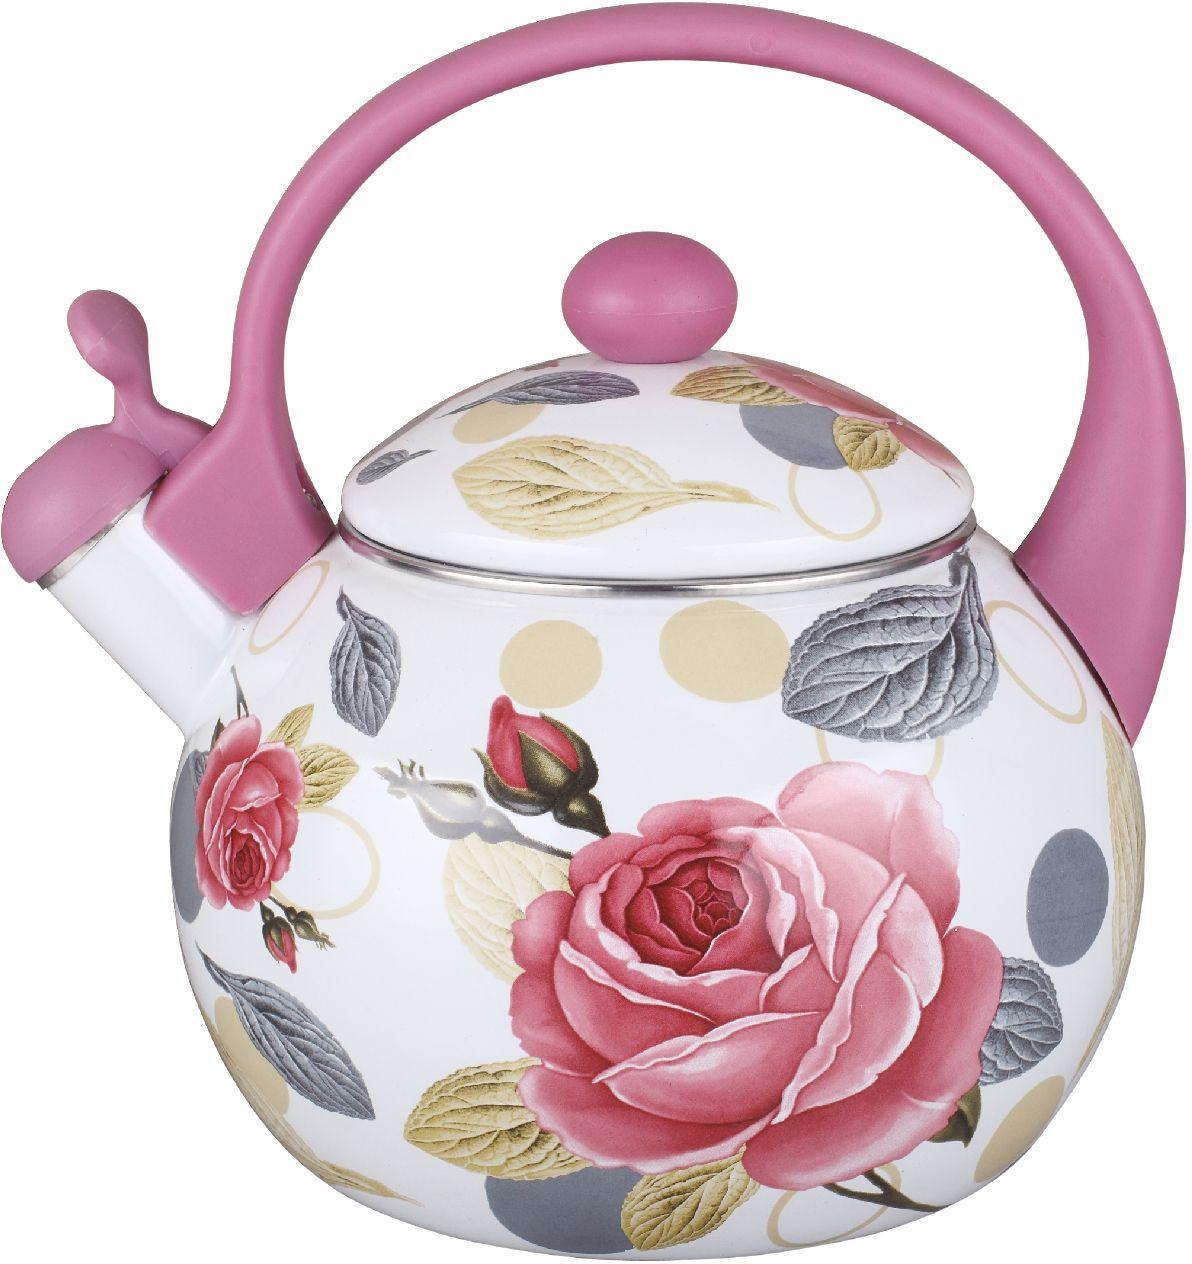 Чайник эмалированный Чудесница, со свистком, 2,5 л. ЭЧ-2517 чайники для плиты vetta чайник эмалированный